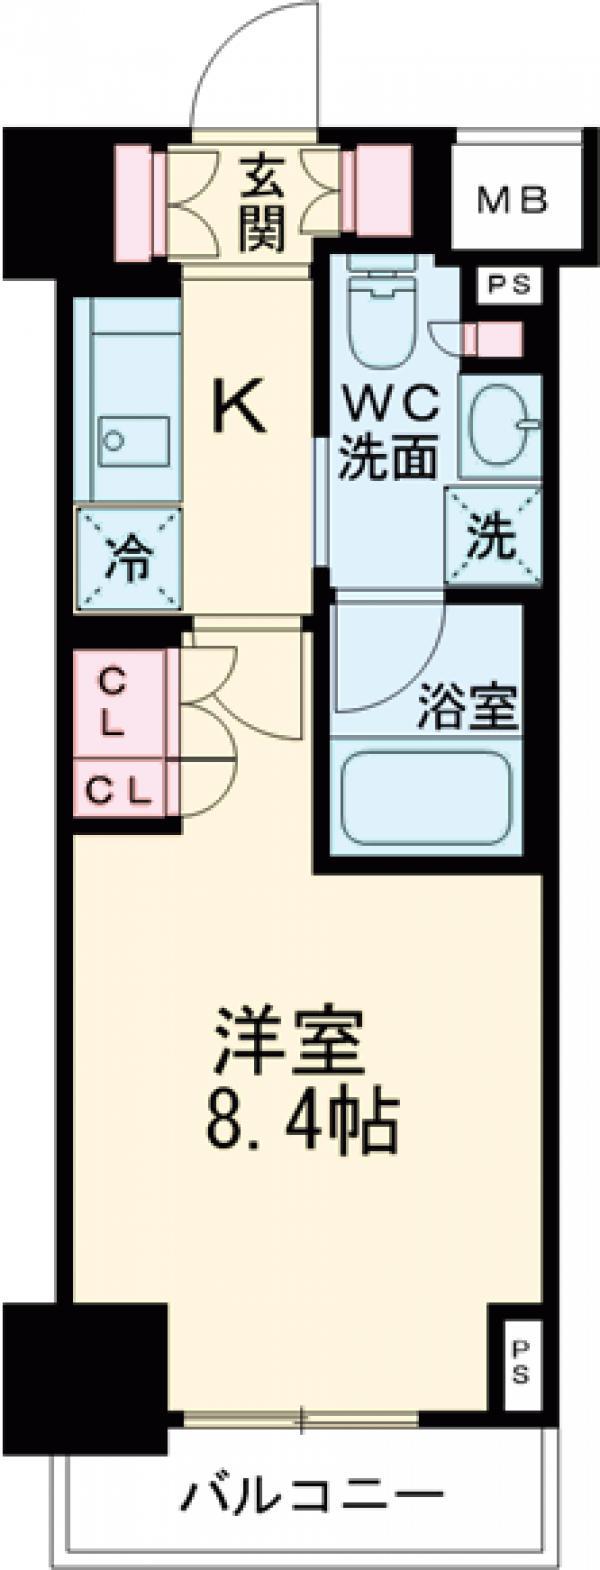 プラウドフラット西早稲田・605号室の間取り